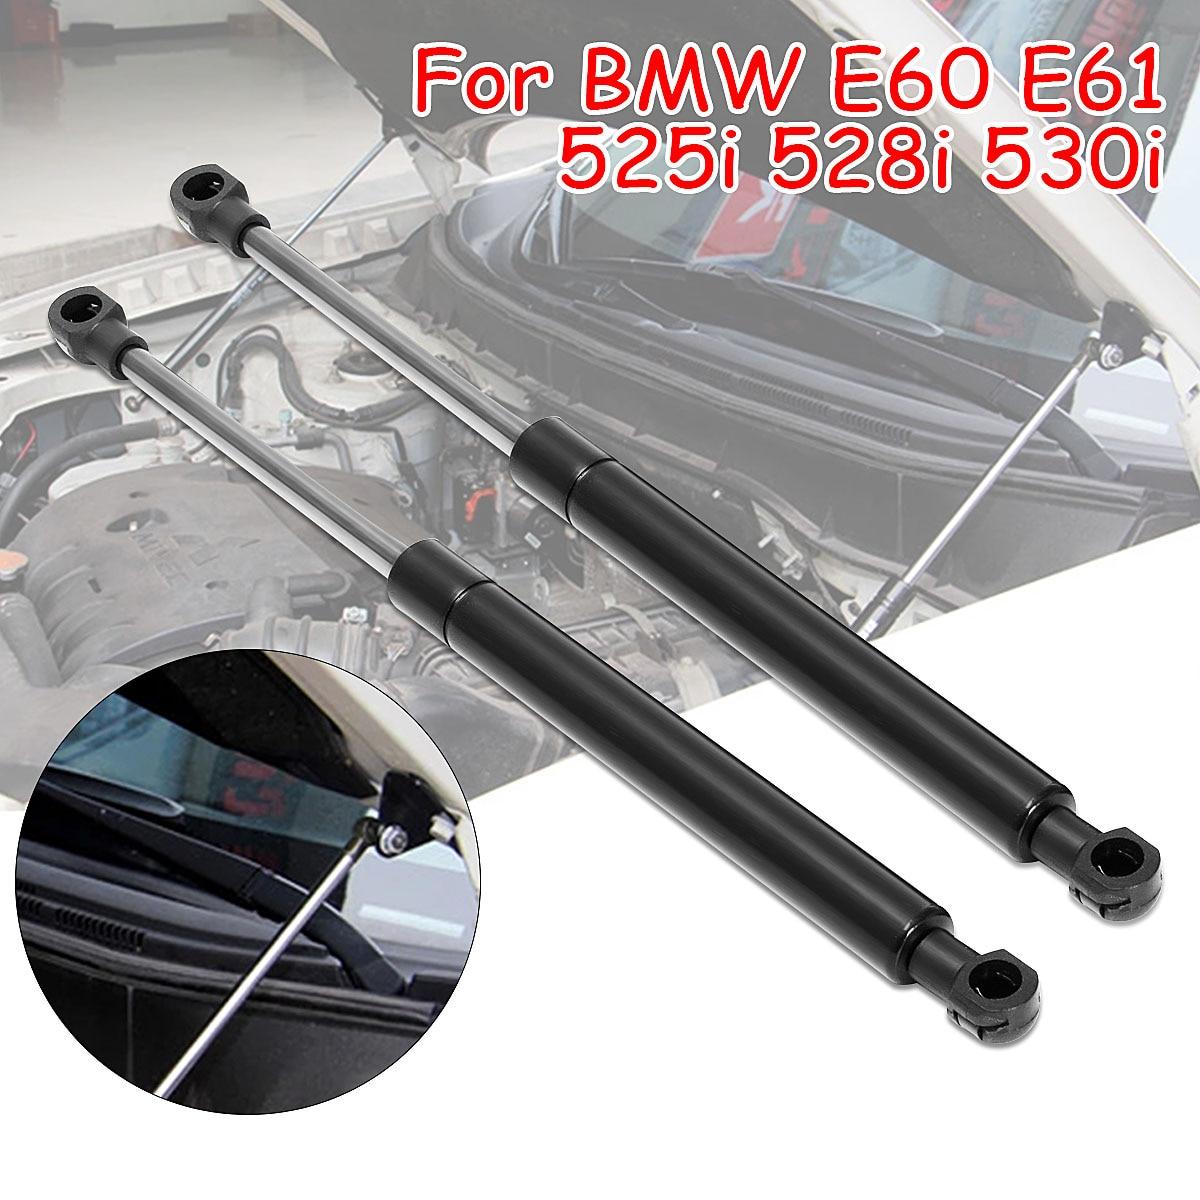 Ön motor kapağı Bonnet Hood şok kaldırma Struts Bar desteği kol gaz bahar 502488586_X2 BMW E60 E61 525i 528i 530i